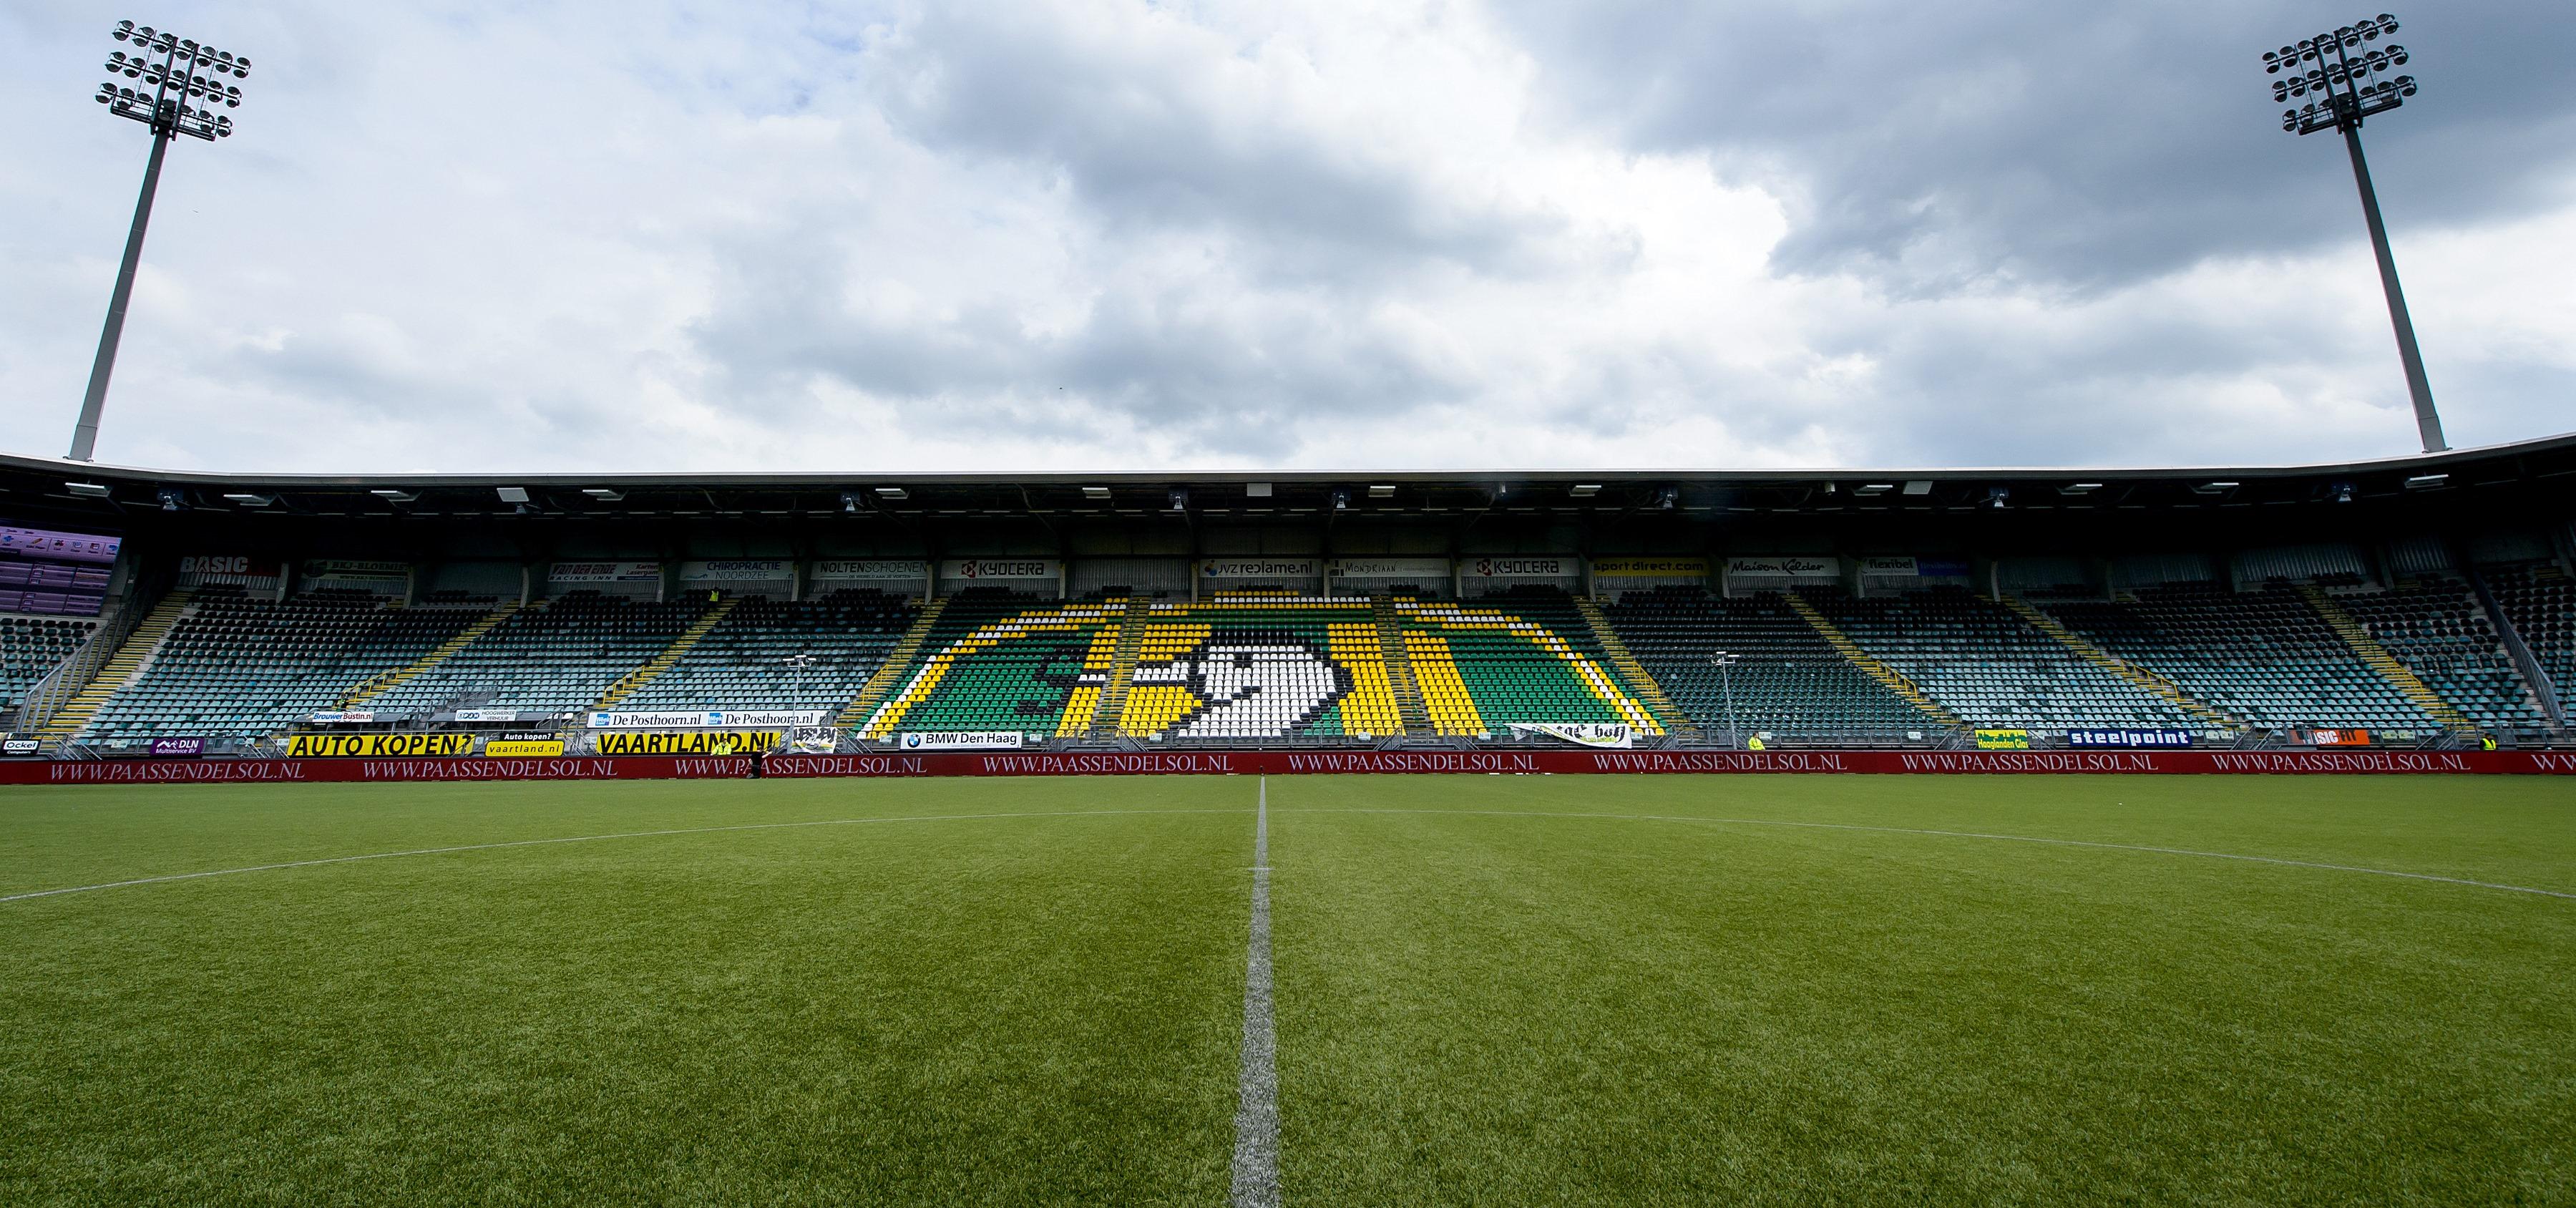 Ado Den Haag Vs Fc Twente At Cars Jeans Stadion On 07 11 20 Sat 16 30 Football Ticket Net